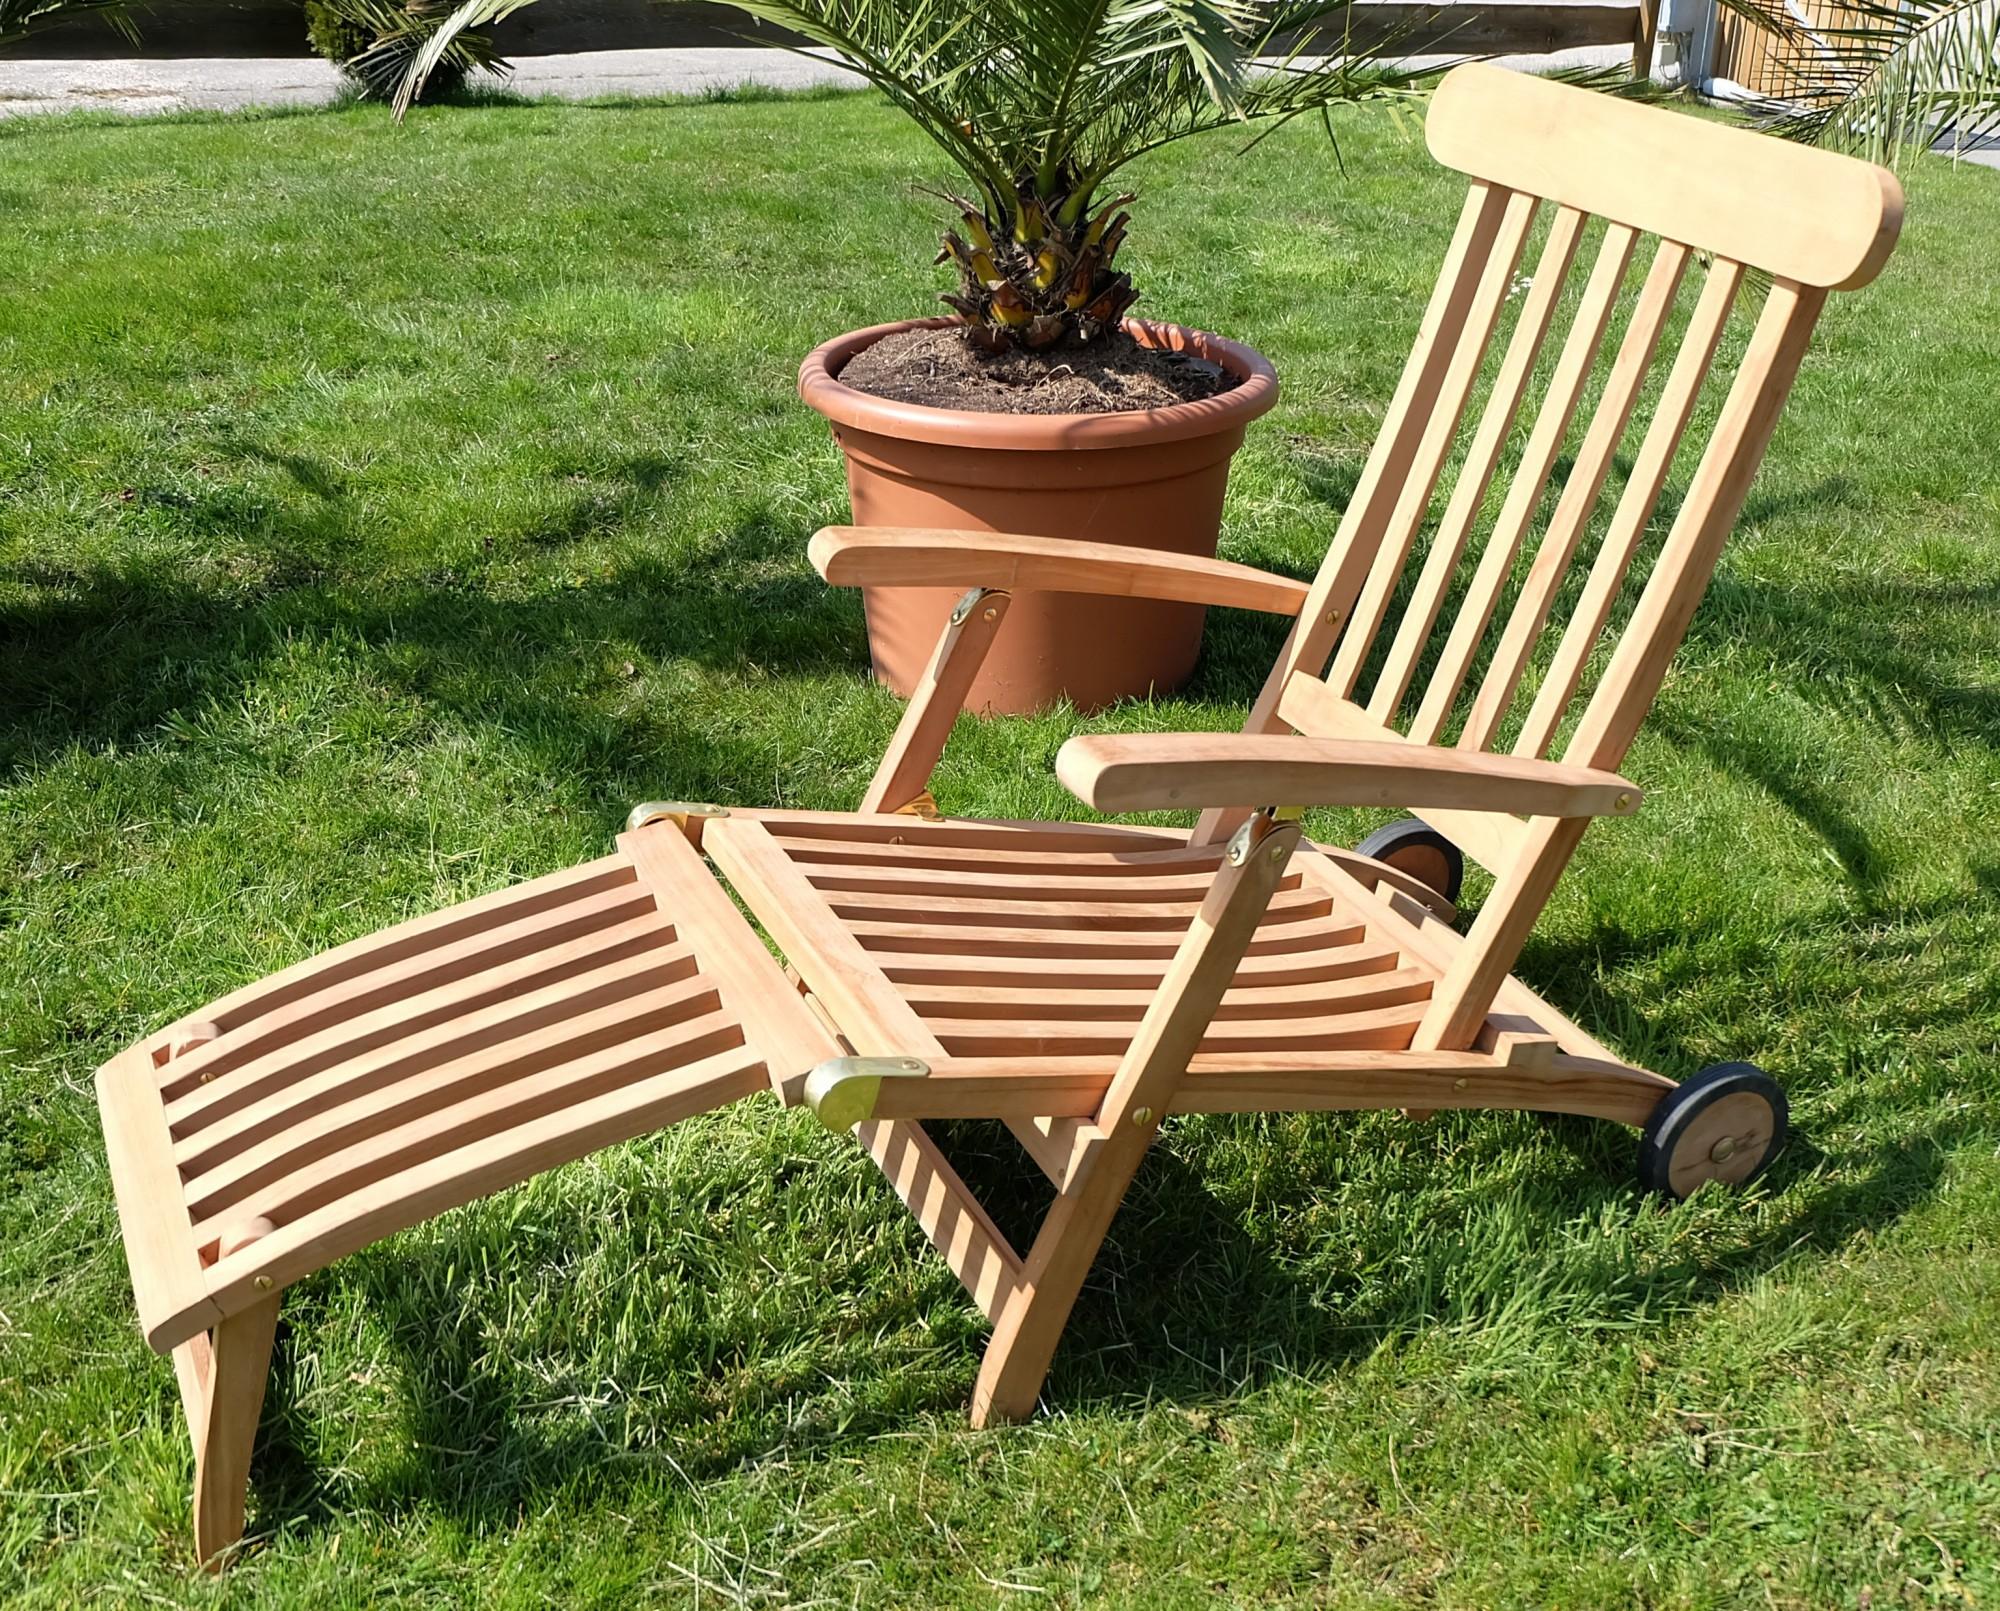 hochwertiger teak steamer deckchair liegestuhl sonnenliege. Black Bedroom Furniture Sets. Home Design Ideas